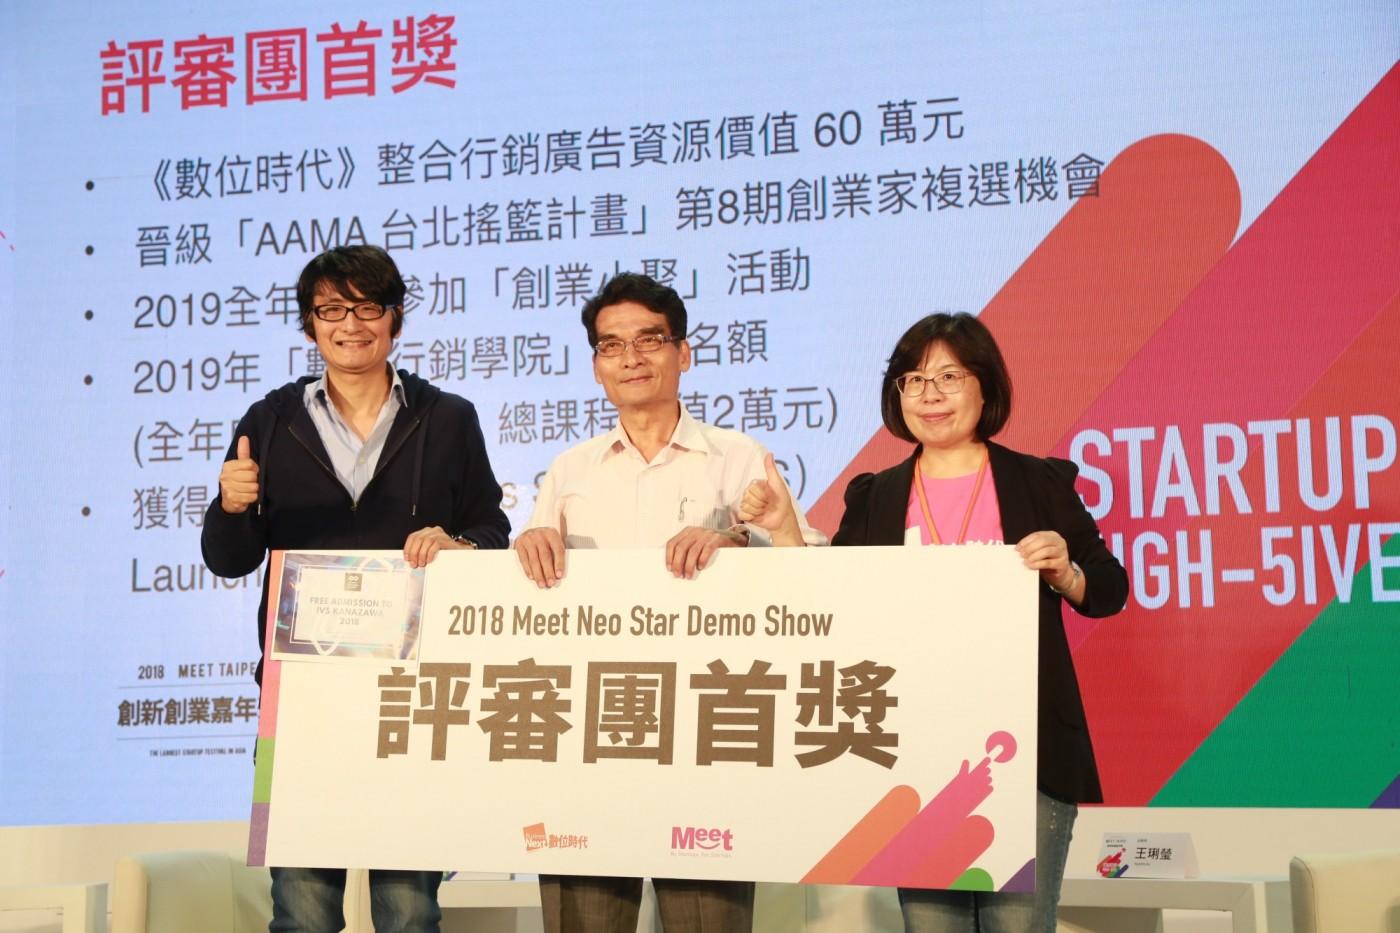 【2018 Meet Taipei】Neo Star得獎揭曉——AI醫療影像推手雲象科技奪冠,偉薩科技囊括三大獎